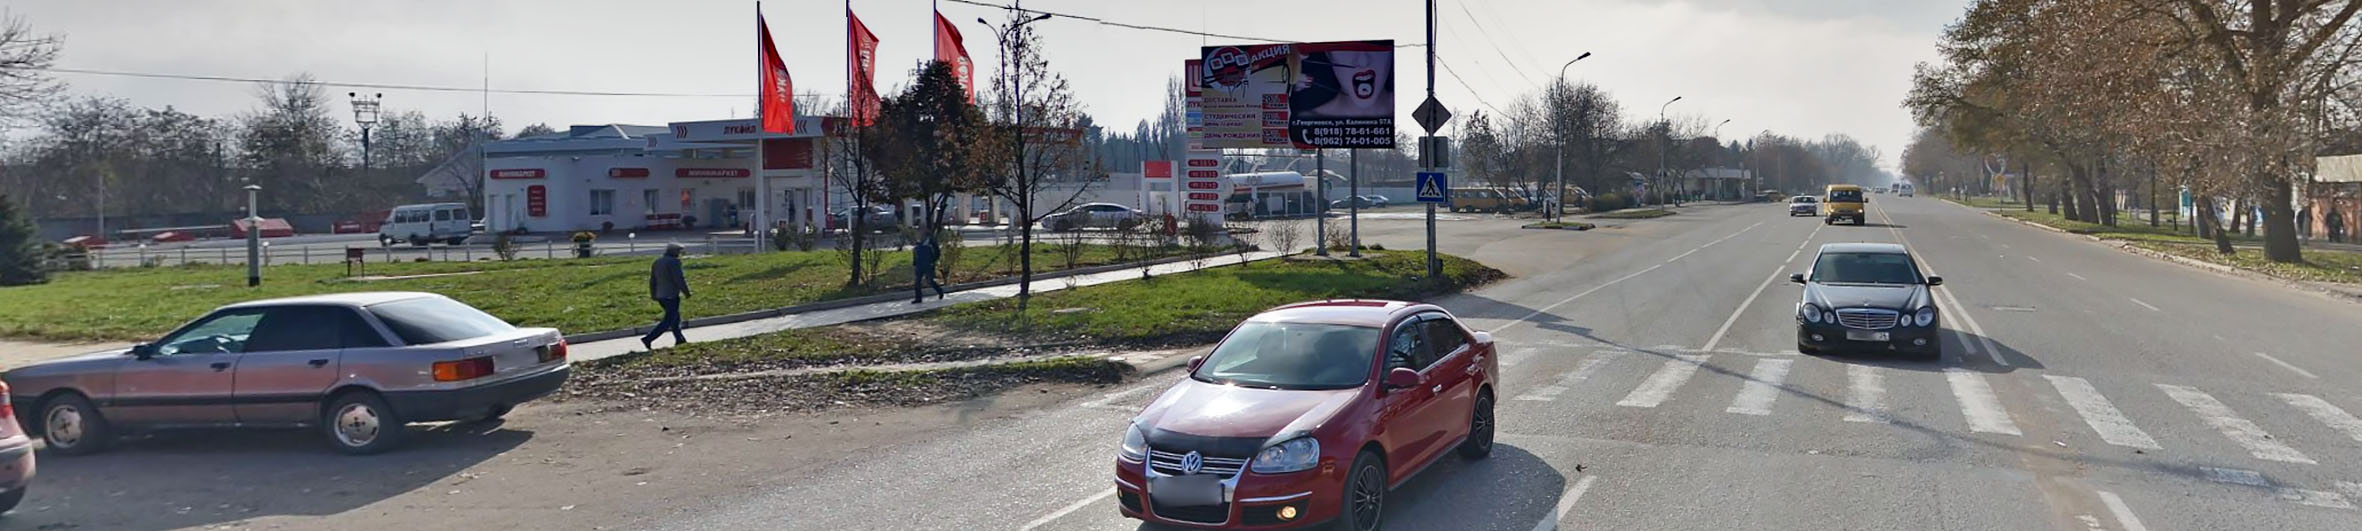 Реклама на билбордах в Ставропольском крае Георгиевск